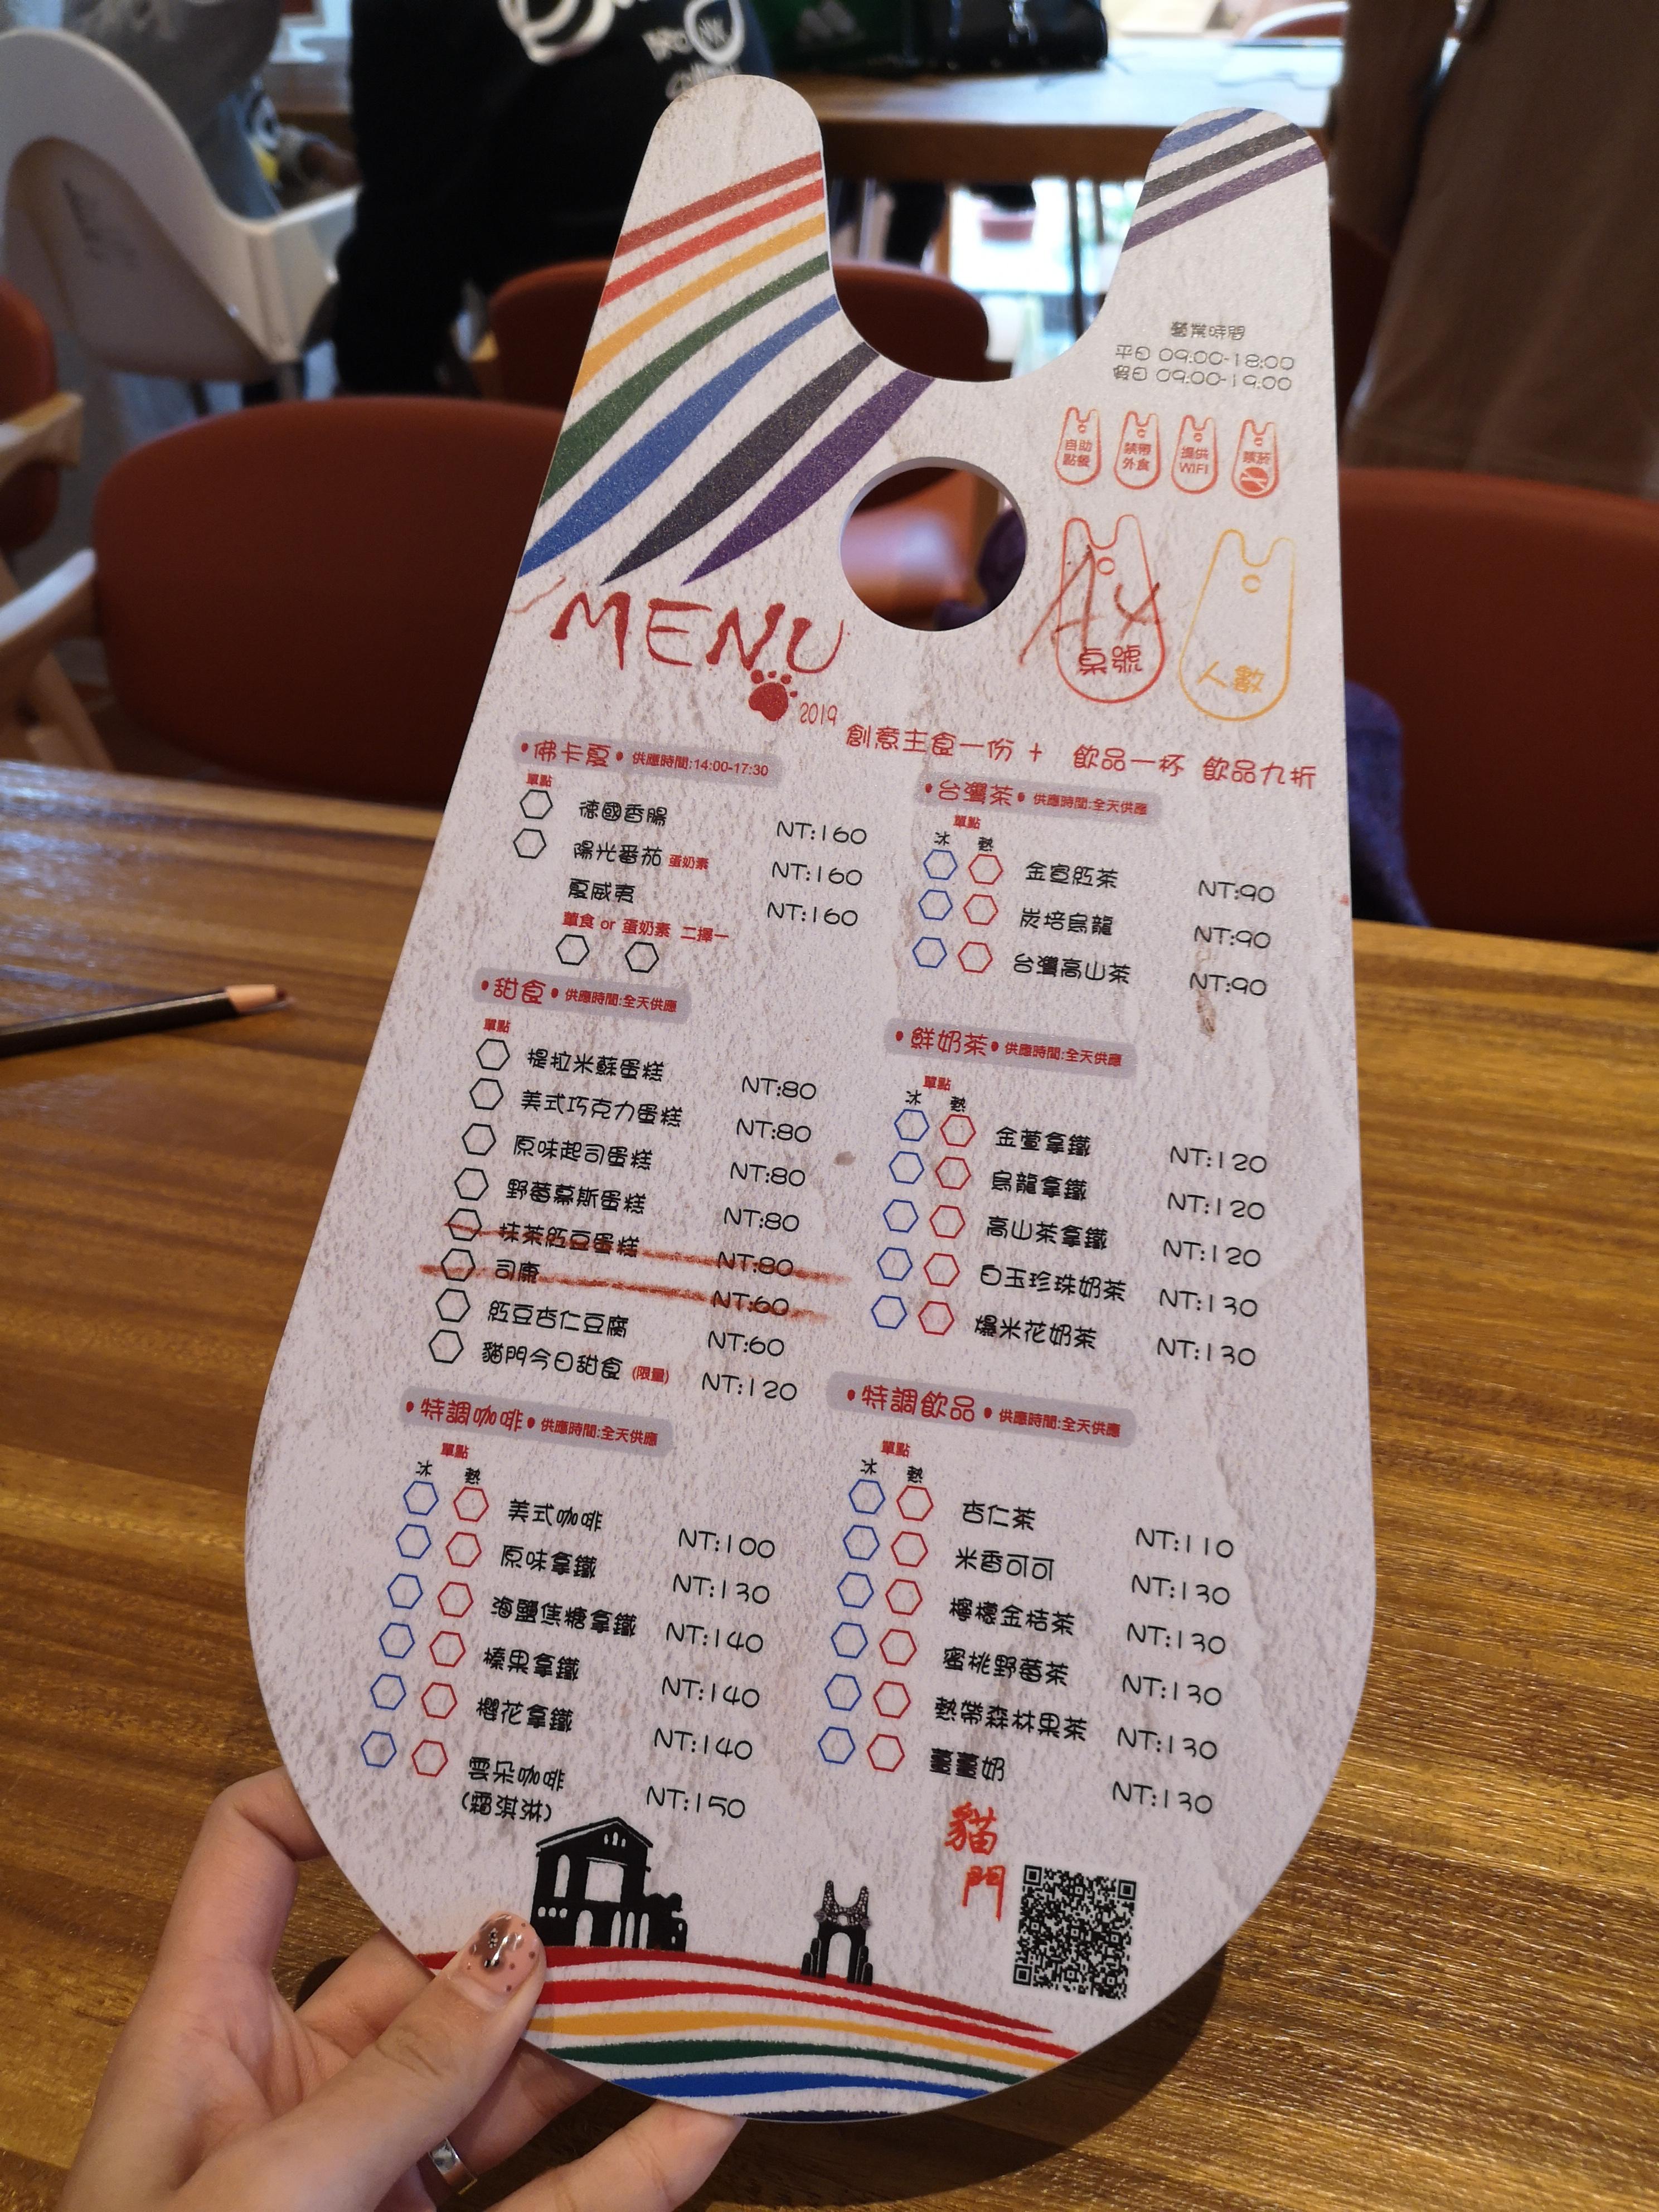 【台中Moment貓門餐廳】貓咪拱門,網美必拍,餐點好吃免服務費! @小環妞 幸福足跡